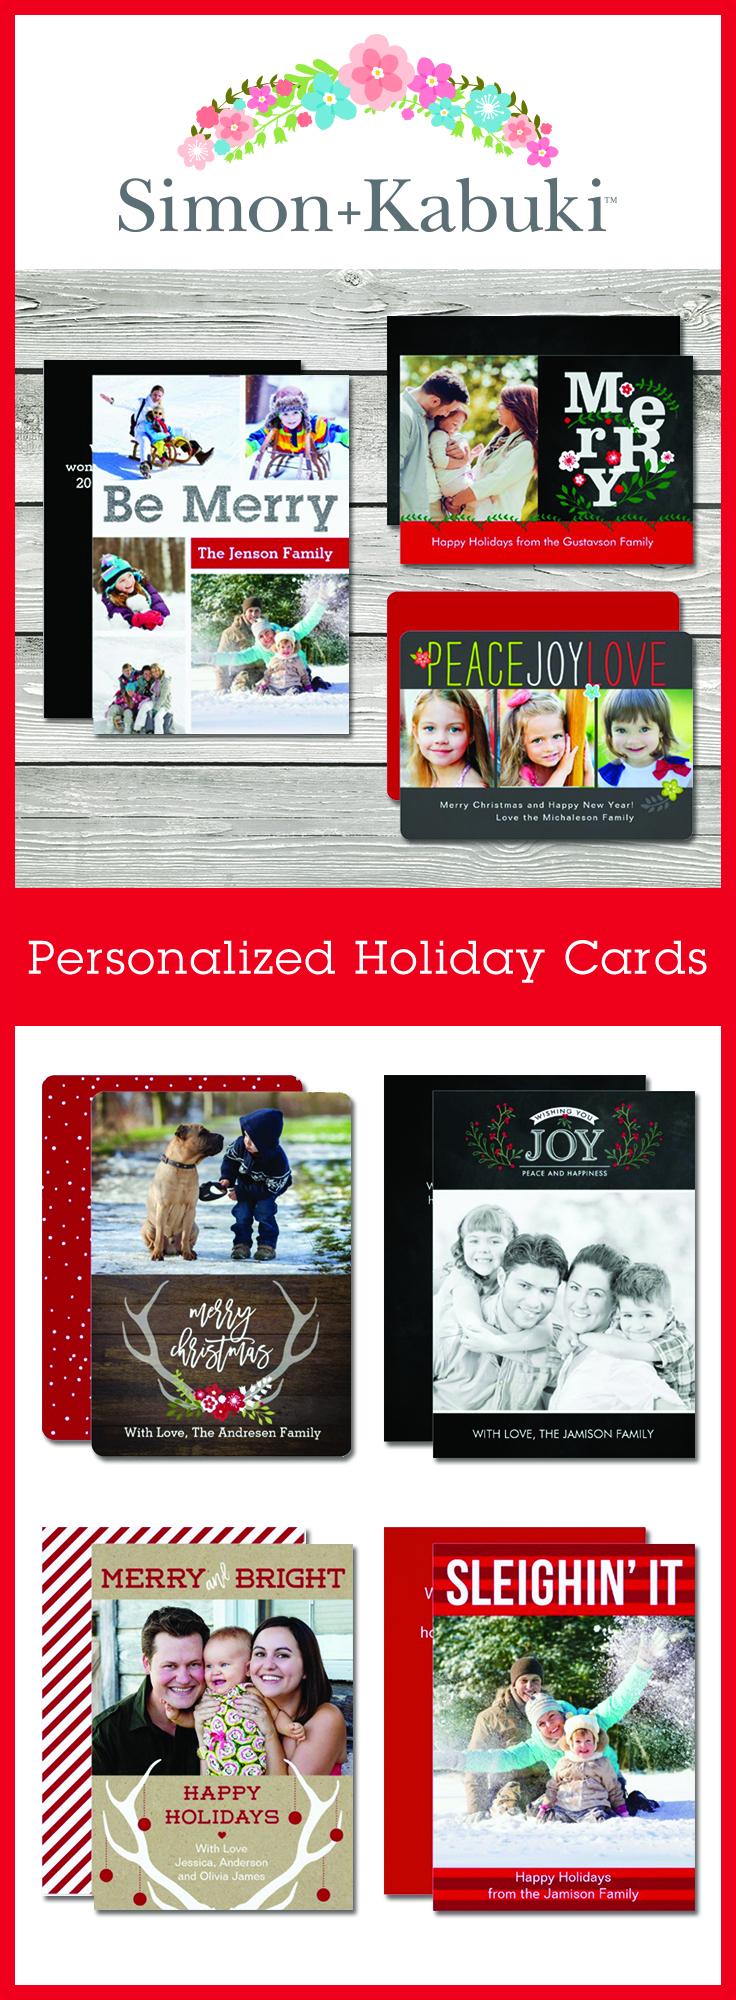 New Simon+Kabuki Holiday Photo Cards